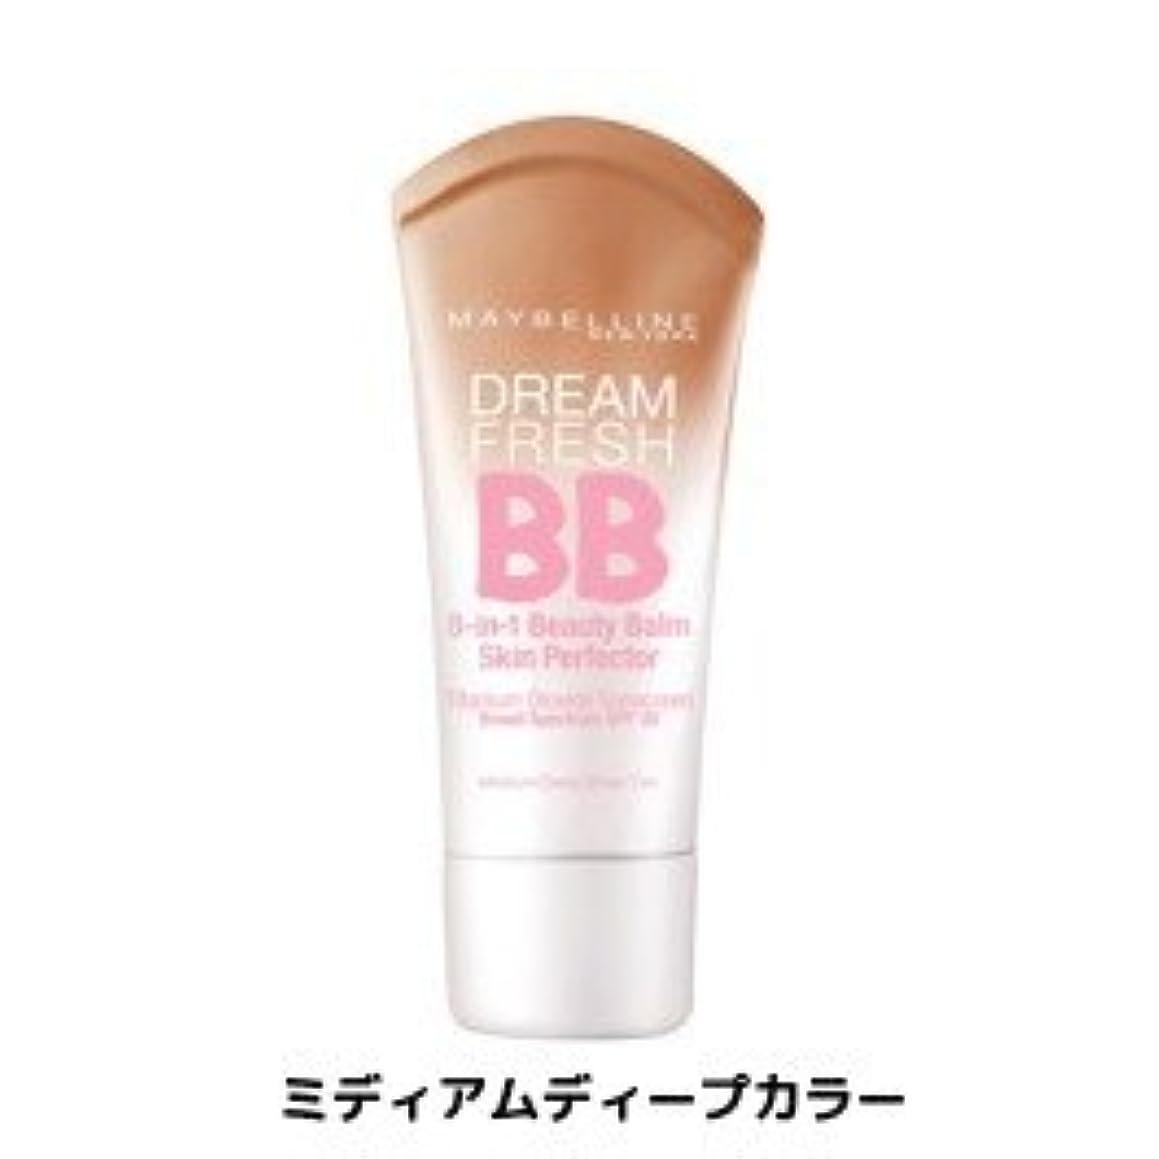 壊れたディスコメイベリン BBクリーム  SPF 30*Maybelline Dream Fresh BB Cream 30ml【平行輸入品】 (ミディアムディープカラー)